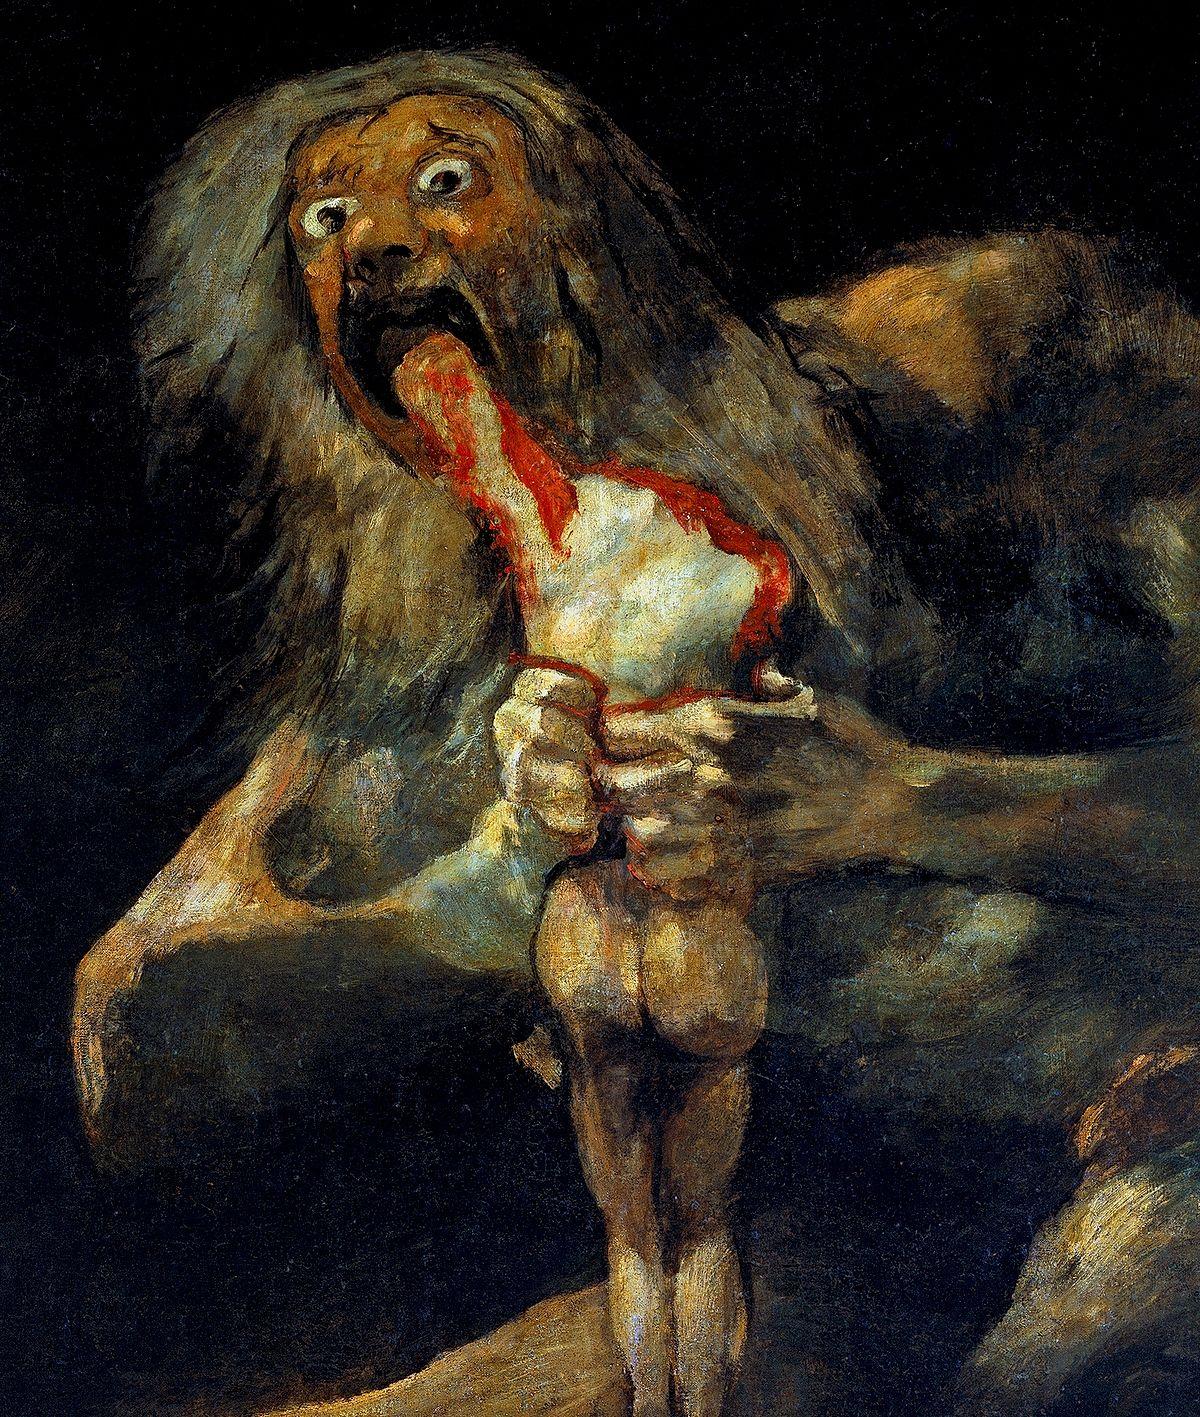 1200px-Francisco_de_Goya,_Saturno_devorando_a_su_hijo_(1819-1823)_crop.jpg